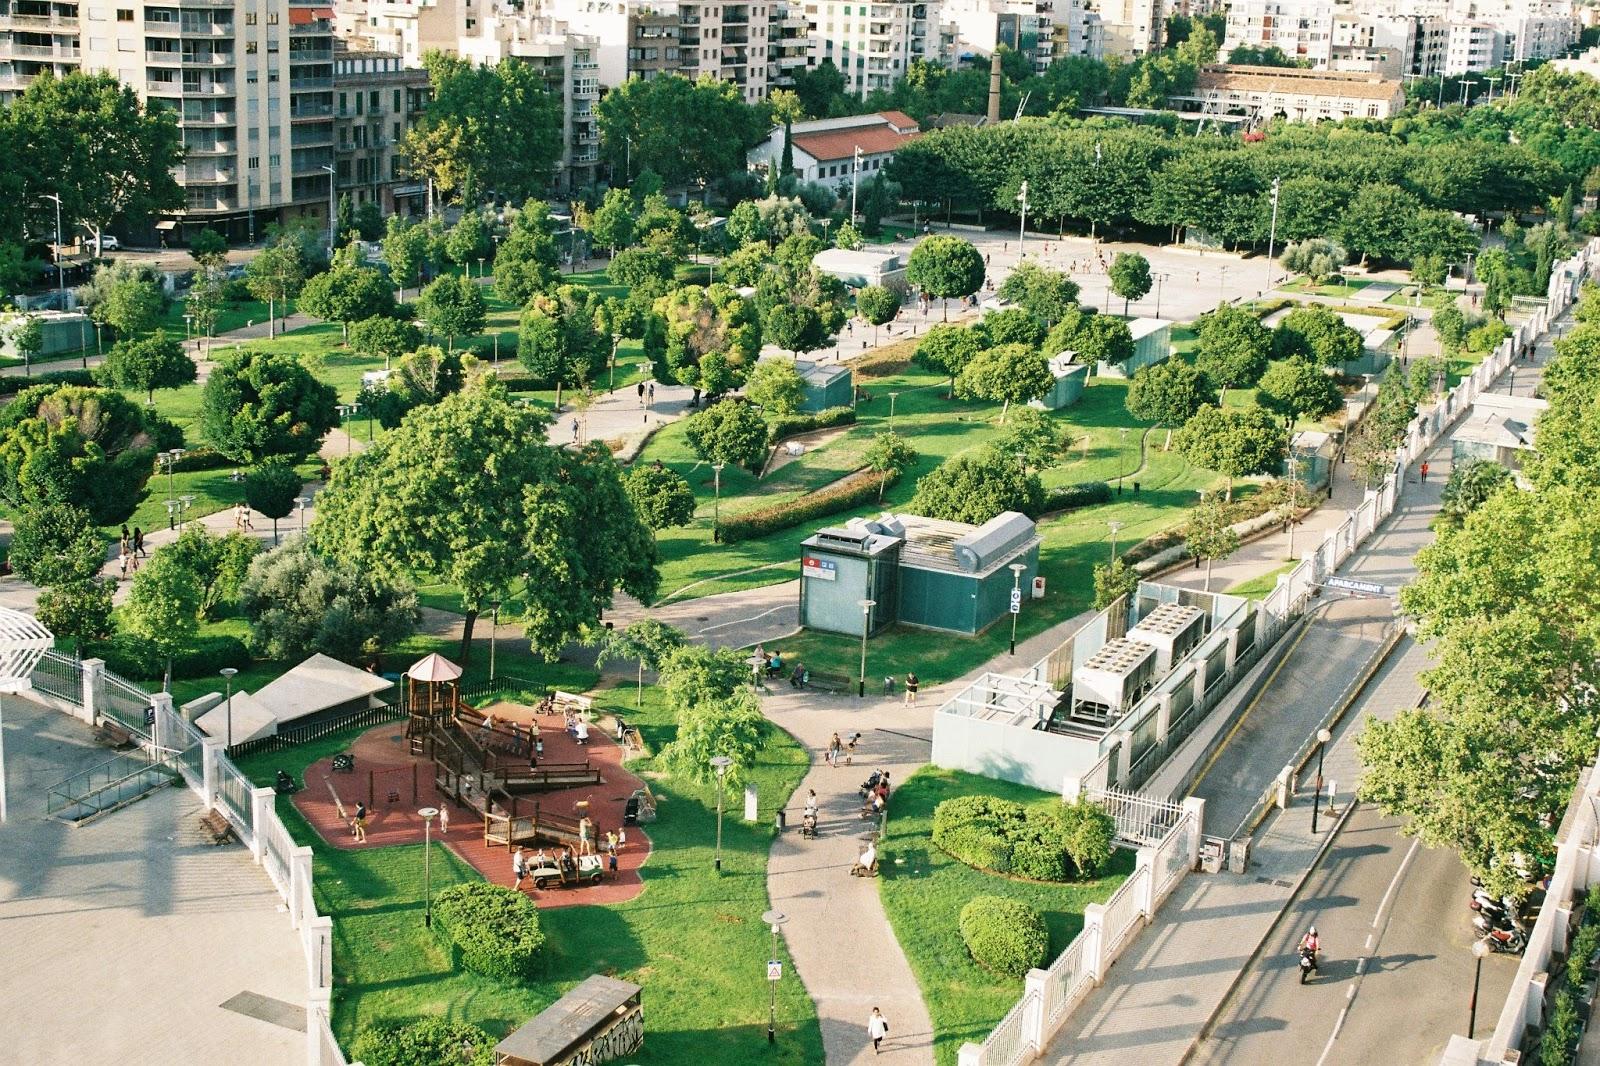 Parks promote economic advancements and rise property value